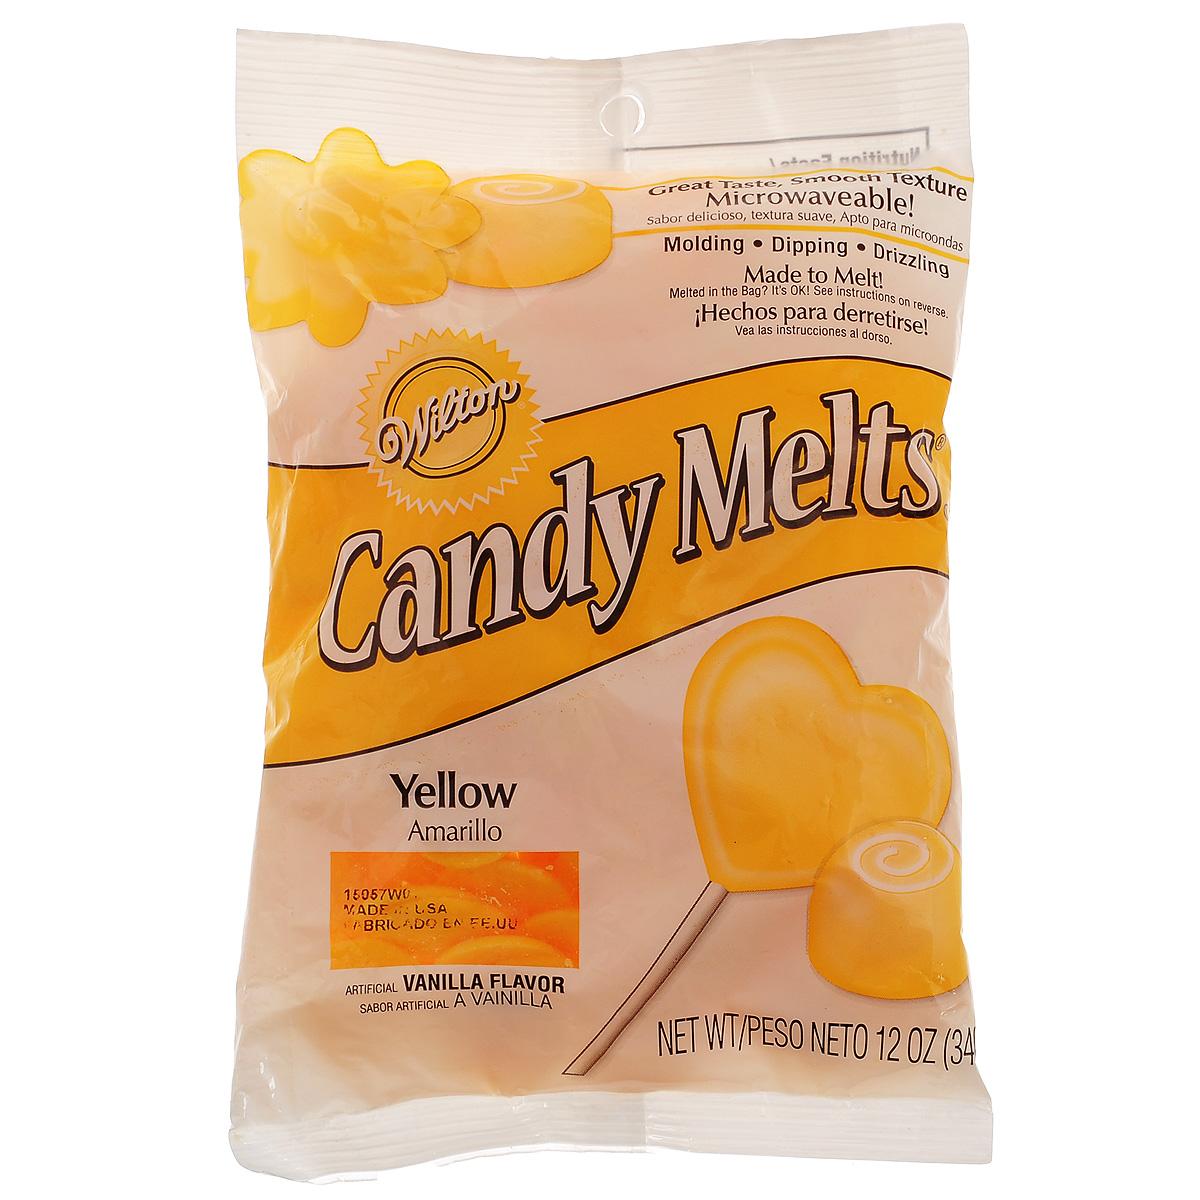 Тающая конфетка Wilton Candy Melts, цвет: желтый, 340 гWLT-1911-1369Тающая конфетка Wilton Candy Melts используется для создания конфет, глазировки фруктов, печений, тортов и других кондитерских изделий. Имеет форму таблетки. С помощью таких конфет можно создавать кондитерские изделия различной формы. Растопить конфеты можно в микроволновой печи или на водяной бане, а затем залить в формочки. Когда масса застынет, просто переверните формочку и достаньте готовое изделие. Состав: сахар, частично гидрогенизированное пальмовое масло, сухое цельное молоко, обезжиренное сухое молоко, сухая сыворотка деминерализованная, соевый лецитин, соль, пищевой краситель, искусственный ароматизатор. Пищевая ценность на 100 г: жиры - 30 г, в т.ч. насыщенные жиры - 27,5 г, белок - меньше 2,5 г, углеводы - 67,5 г, в т.ч. сахар - 67,5 г, натрий - 112,5 мг. Энергетическая ценность: 550 Ккал. Масса нетто: 340 г. Товар сертифицирован.